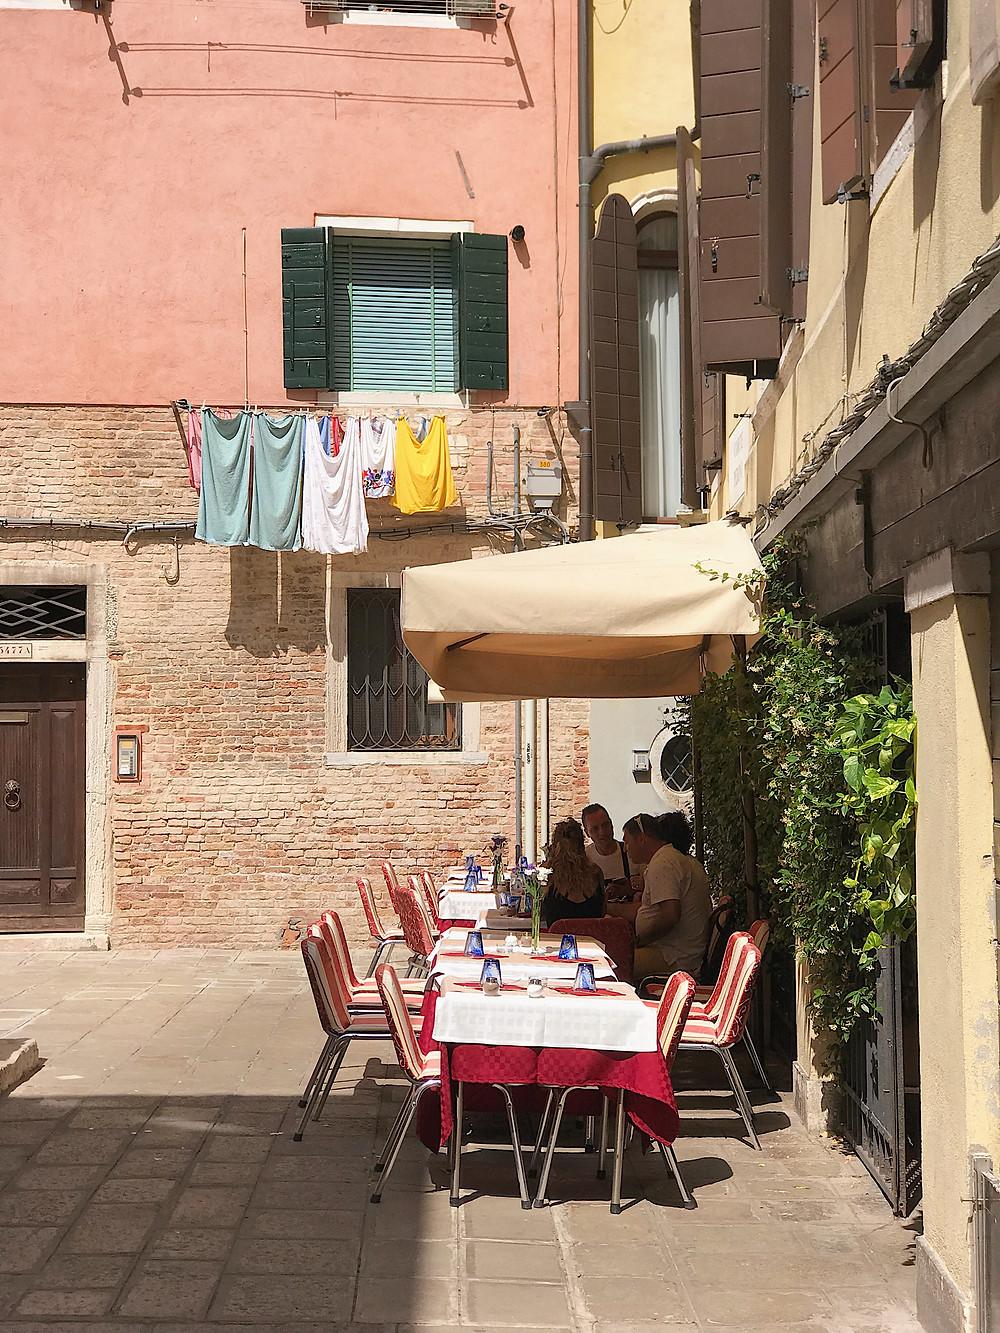 outdoor restaurant in Venice